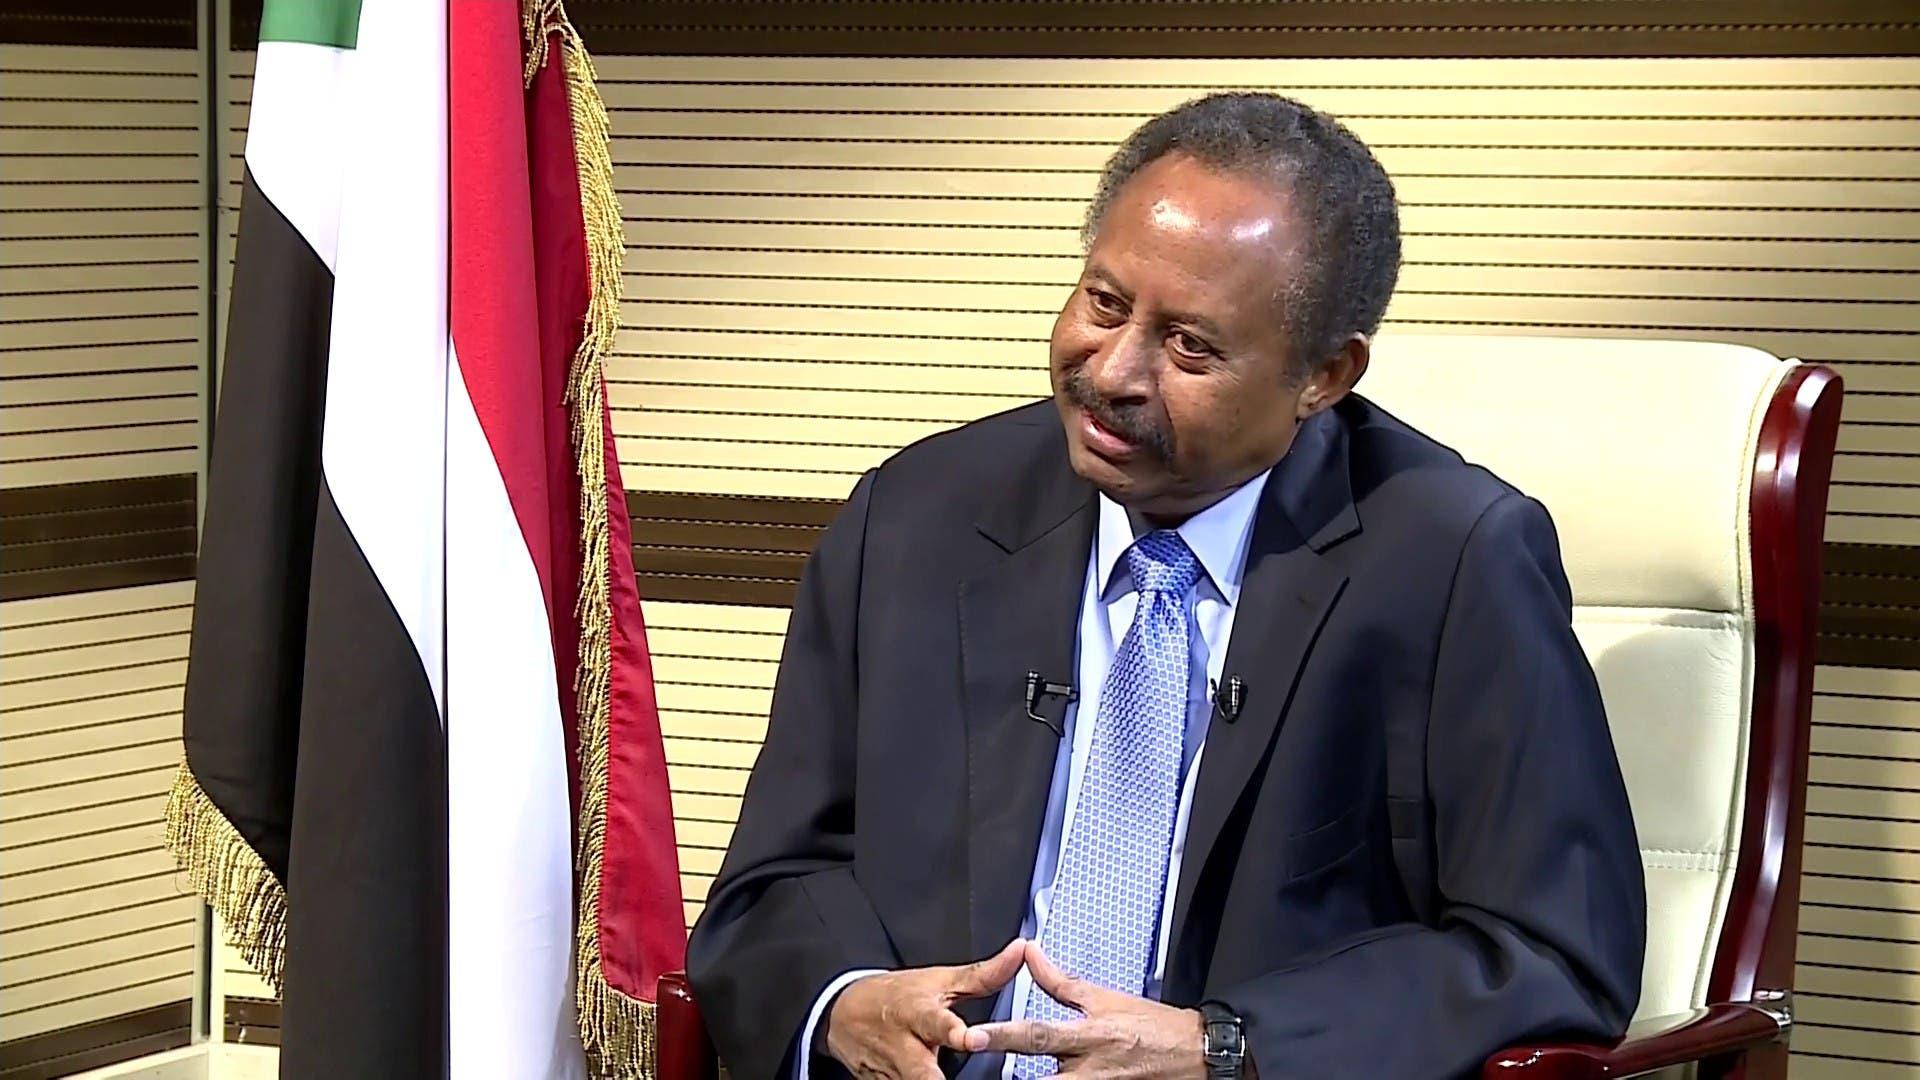 رئيس الوزراء عبدالله حمدوك